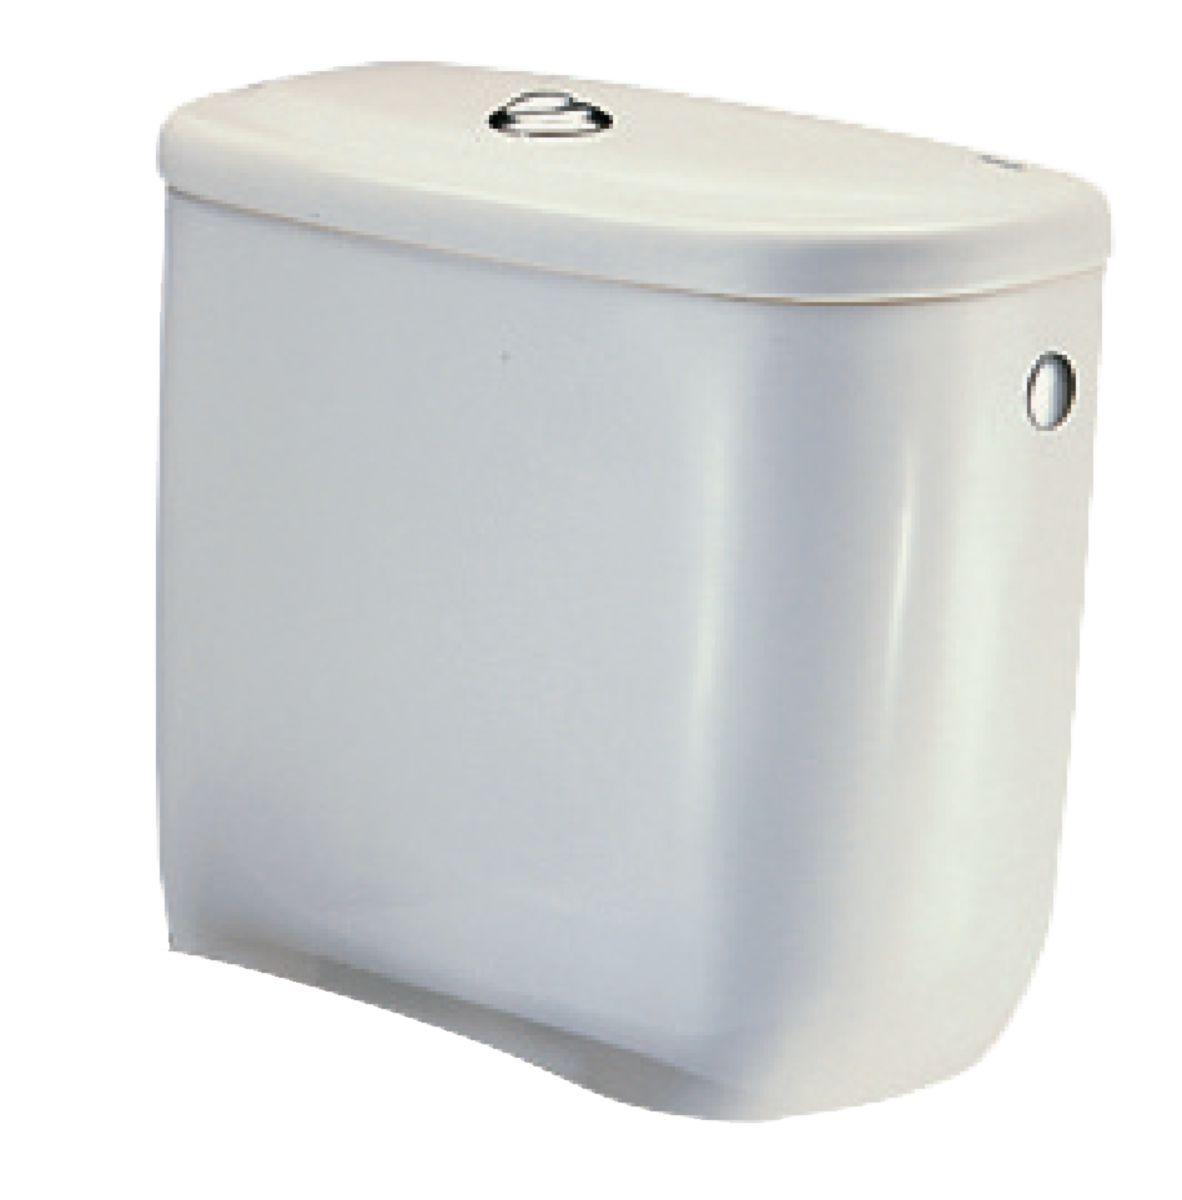 resevoir wc capteur photo lectrique. Black Bedroom Furniture Sets. Home Design Ideas